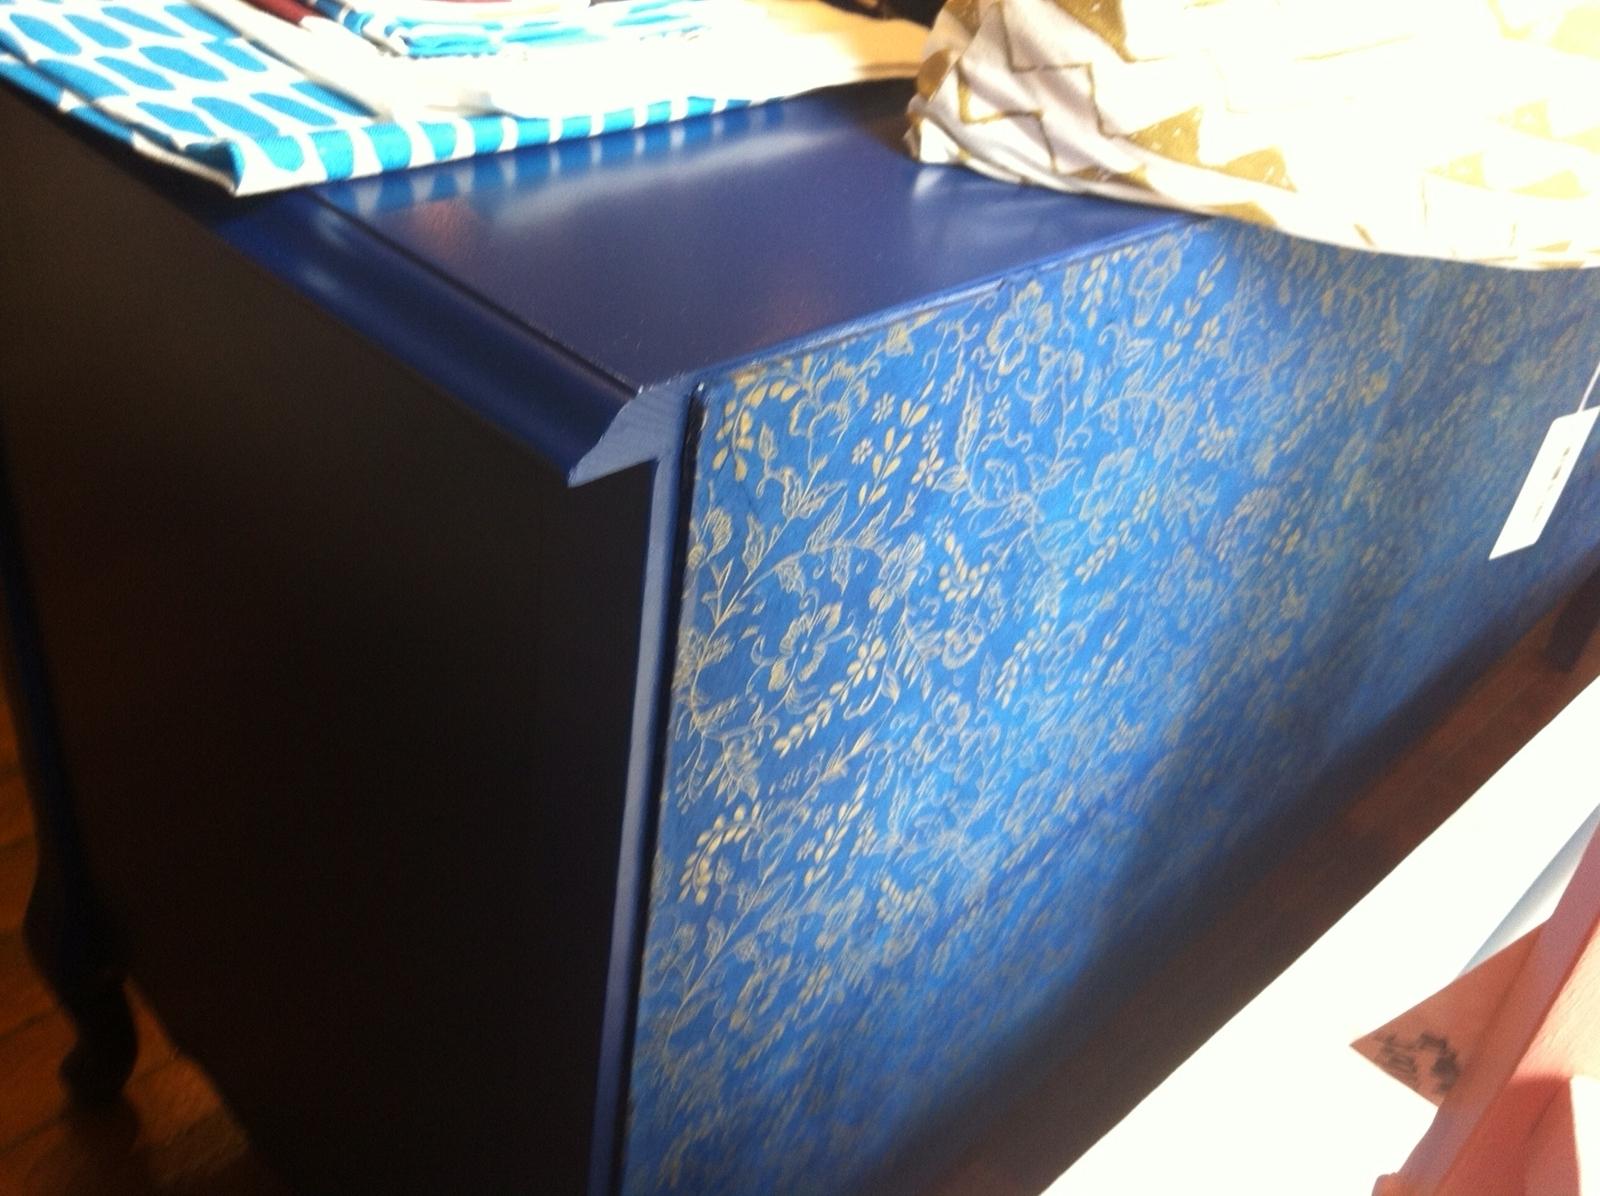 papier peint pour meuble bois resine de protection pour peinture. Black Bedroom Furniture Sets. Home Design Ideas